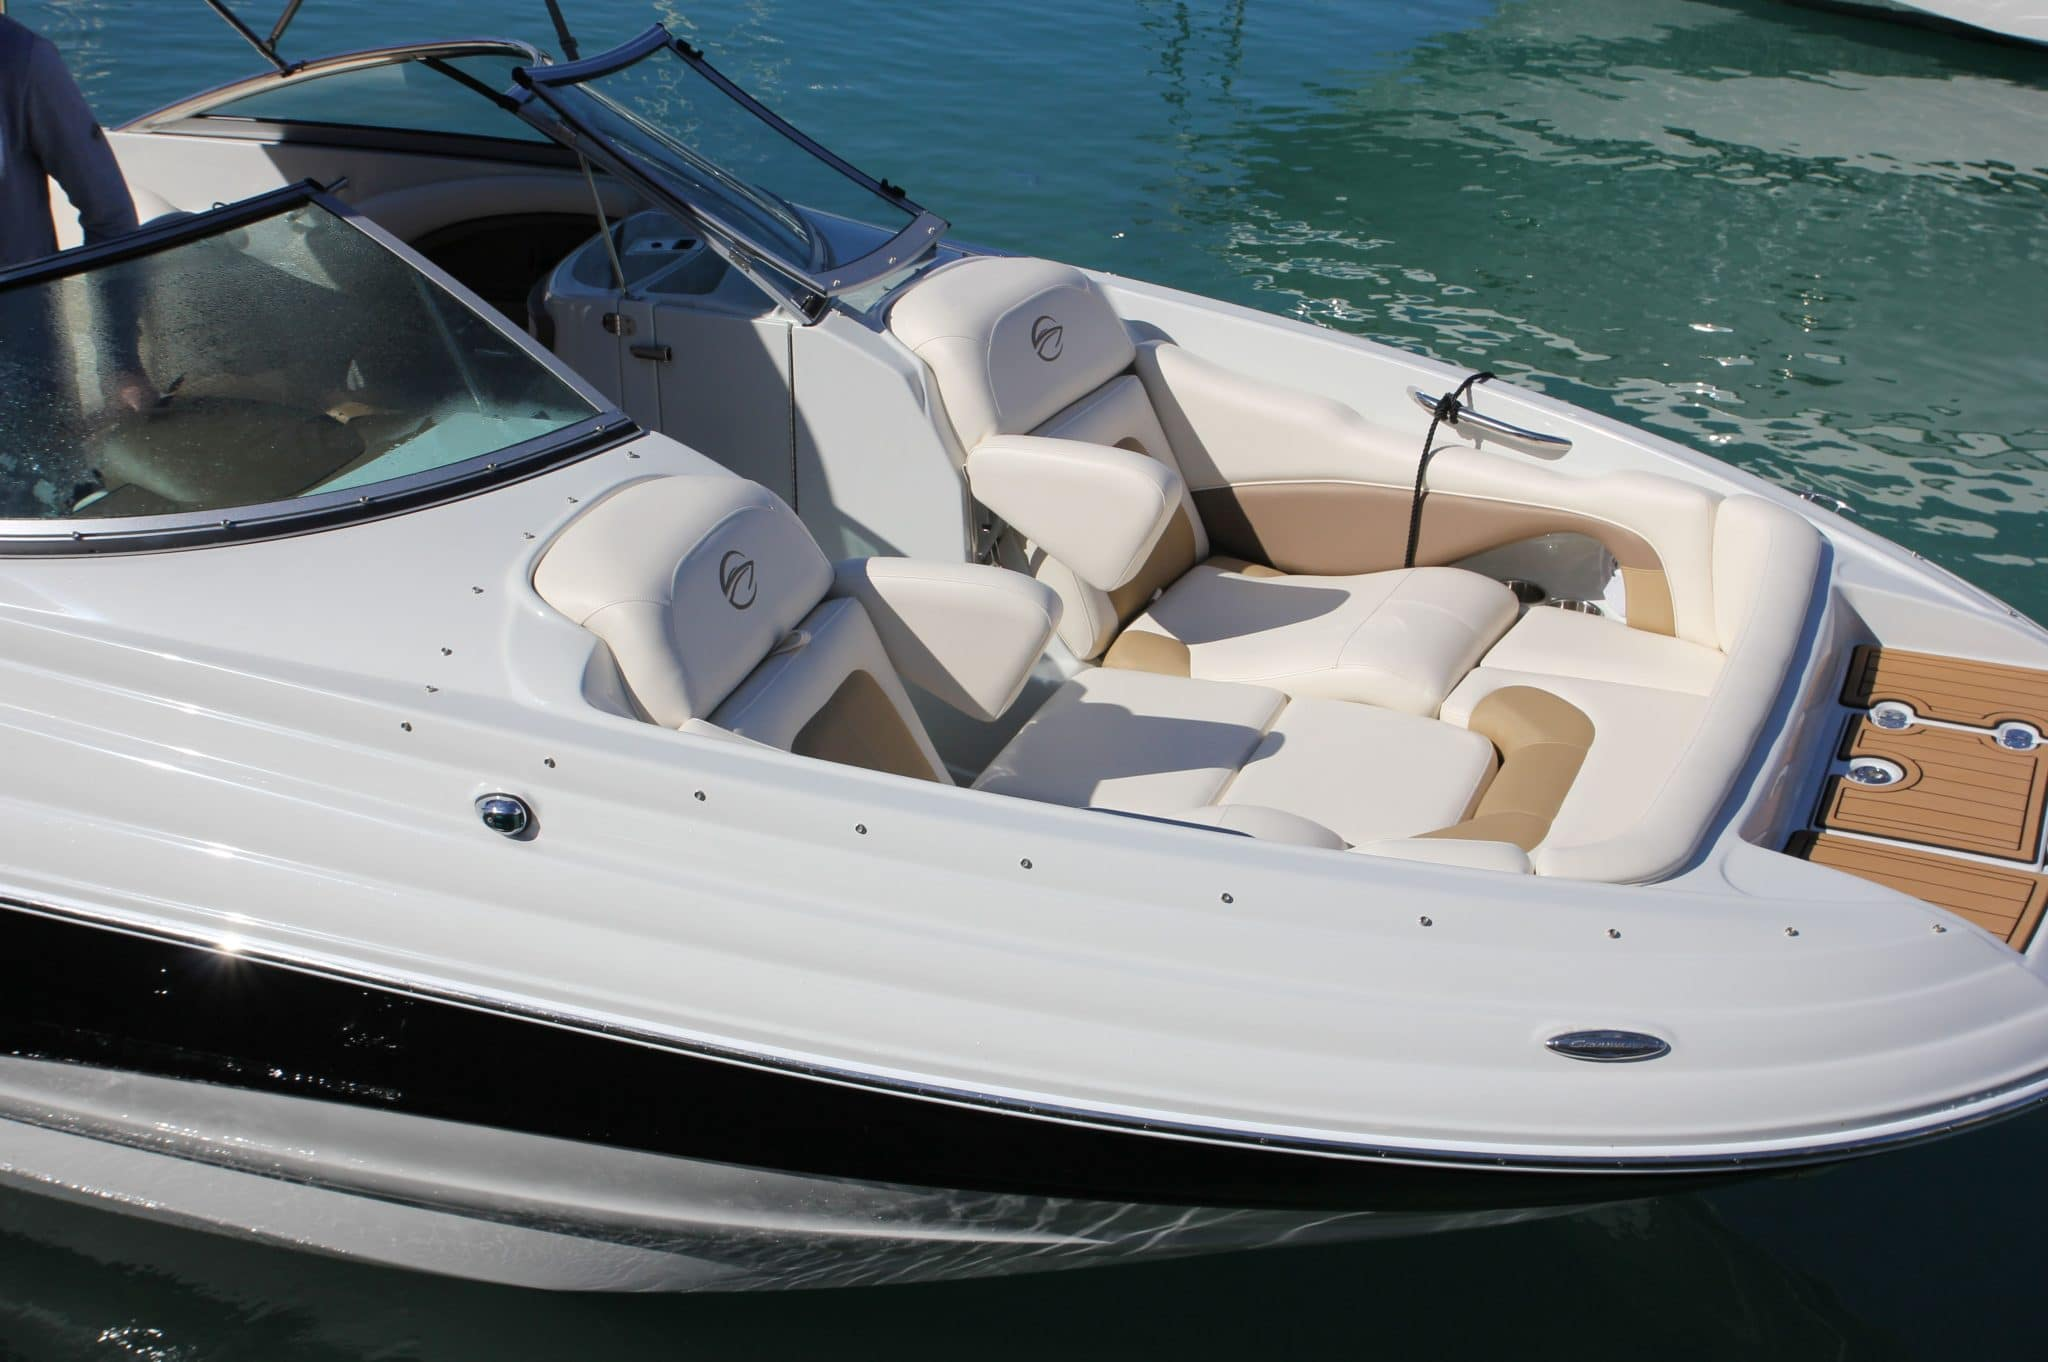 Motorboot_CrownlineE4_24ft_5-2048×1362